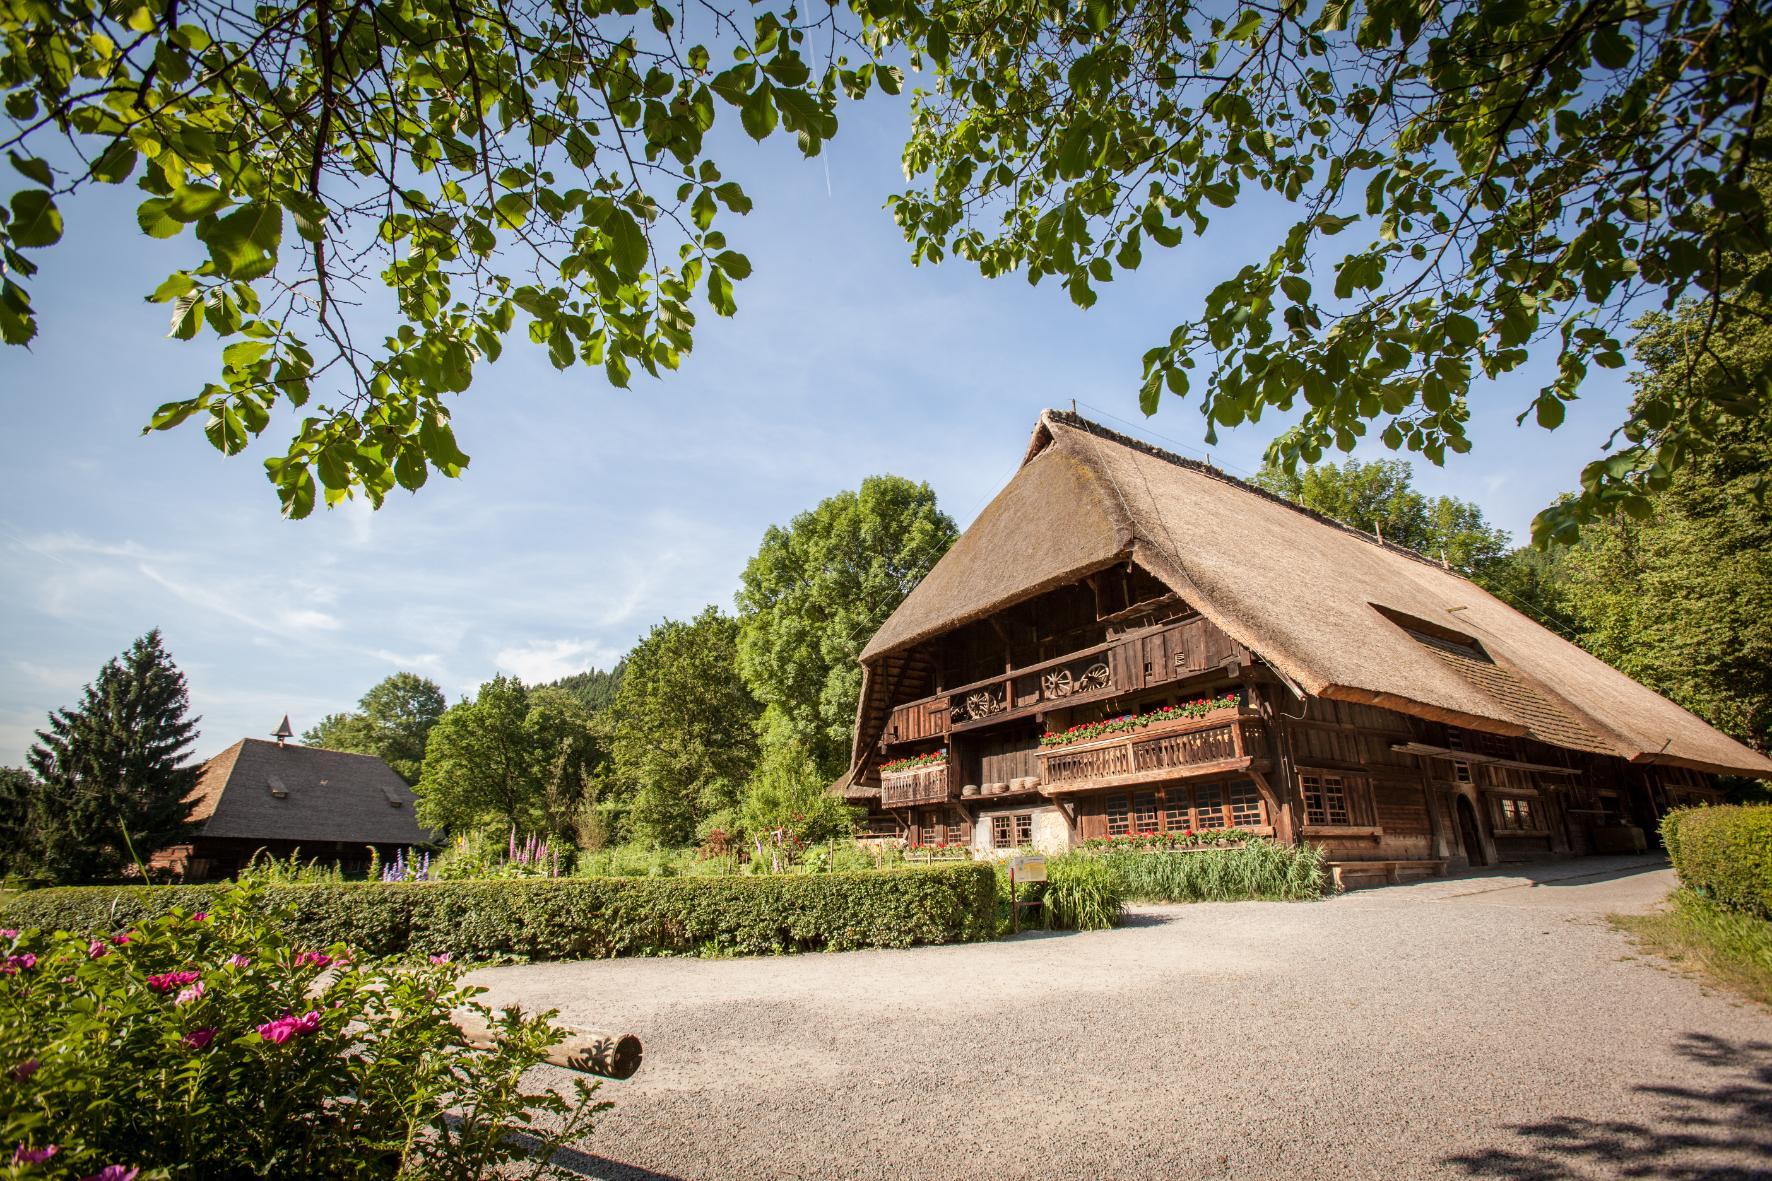 Vogtsbauernhof, Foto: Schwarzwälder Freilichtmuseum Vogtsbauernhof